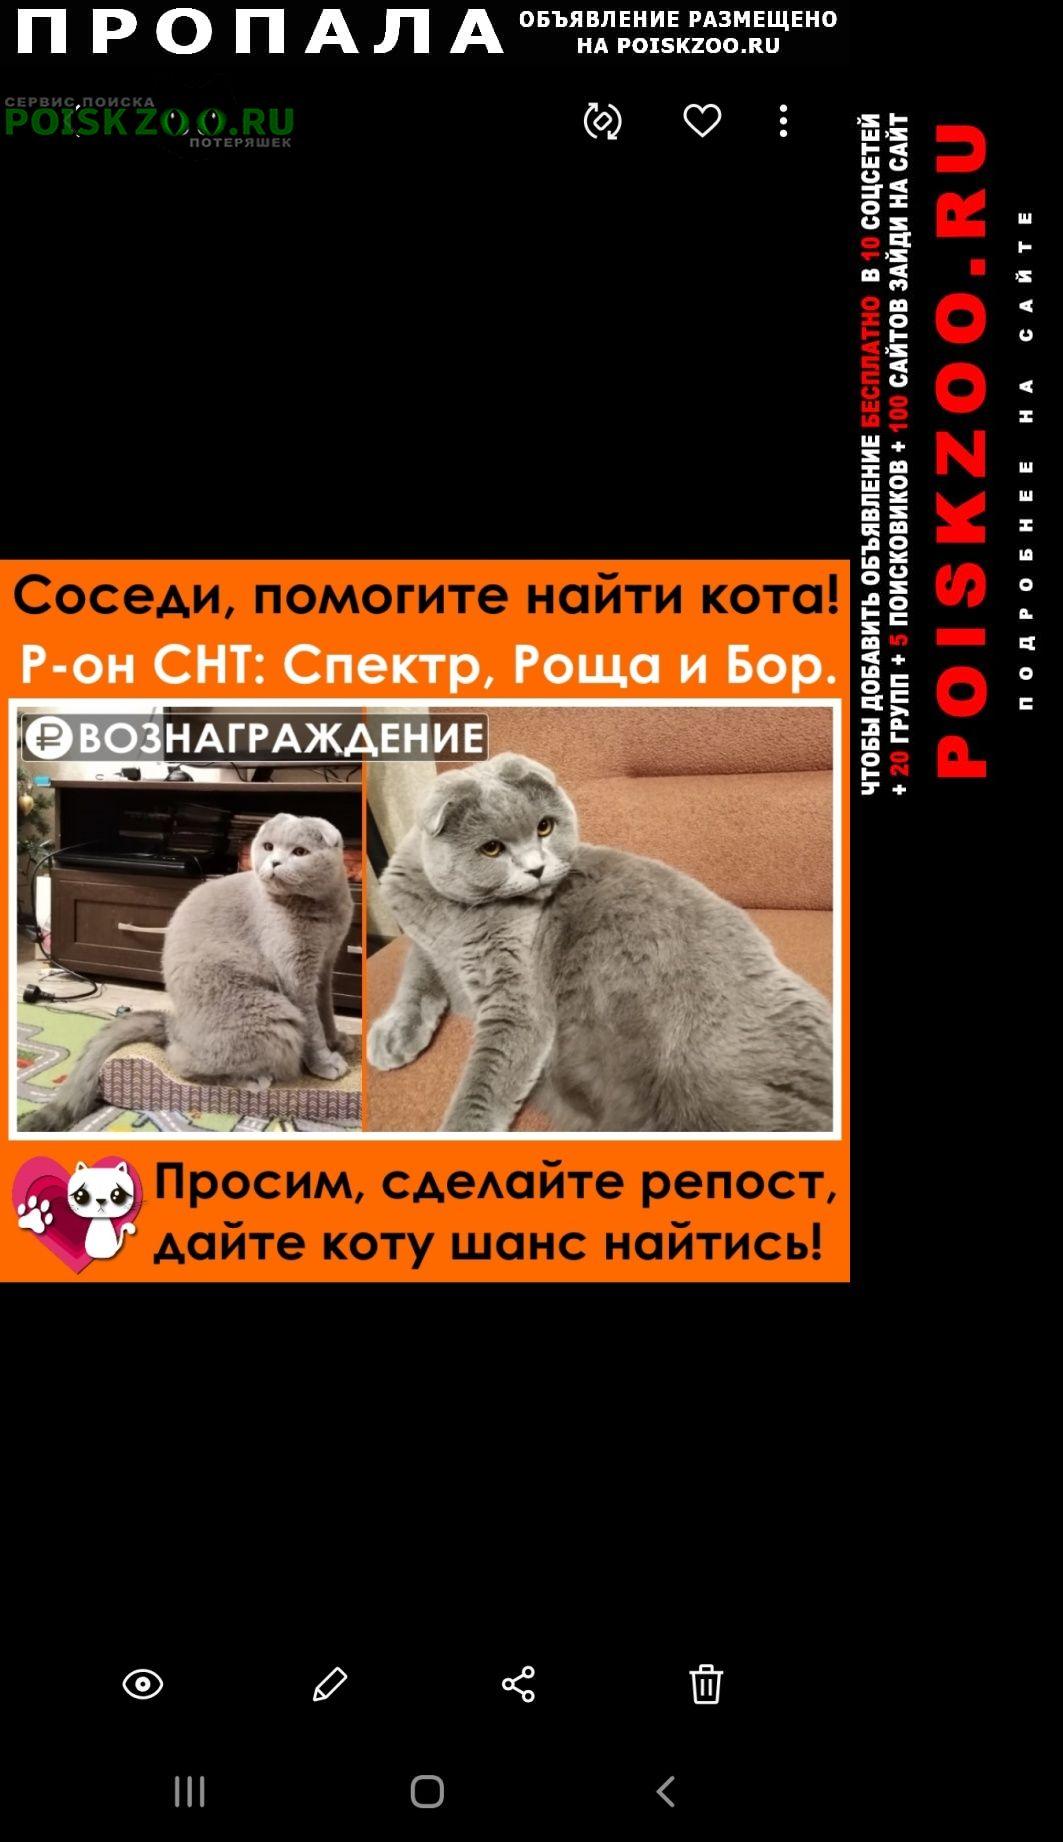 Воронеж Пропала кошка